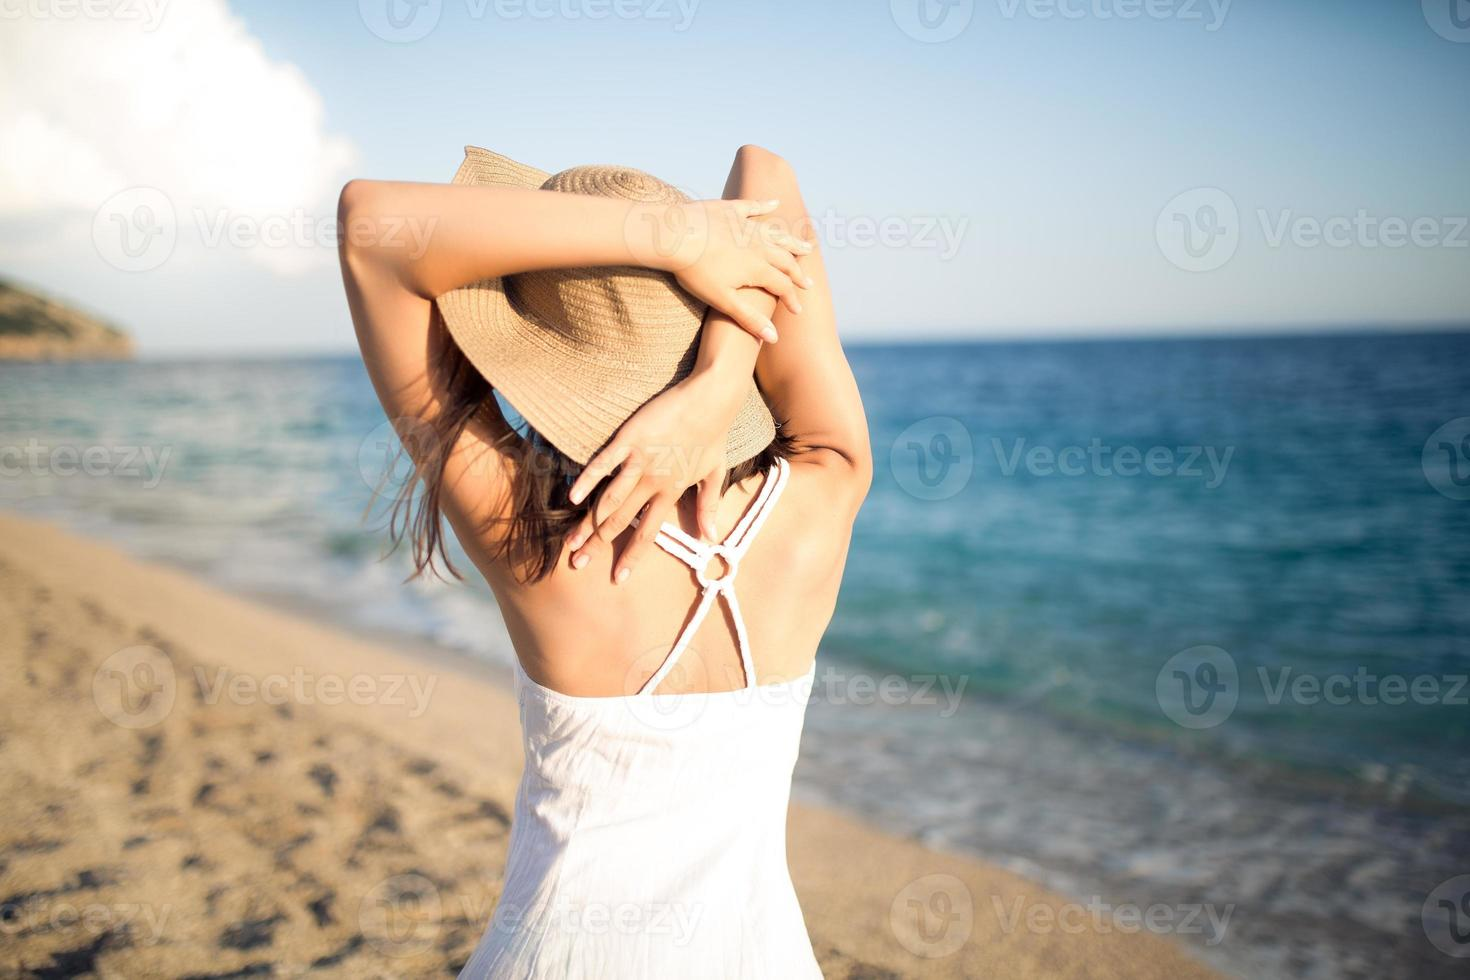 sommarmode kvinna njuter av sommar och sol, promenader på stranden foto